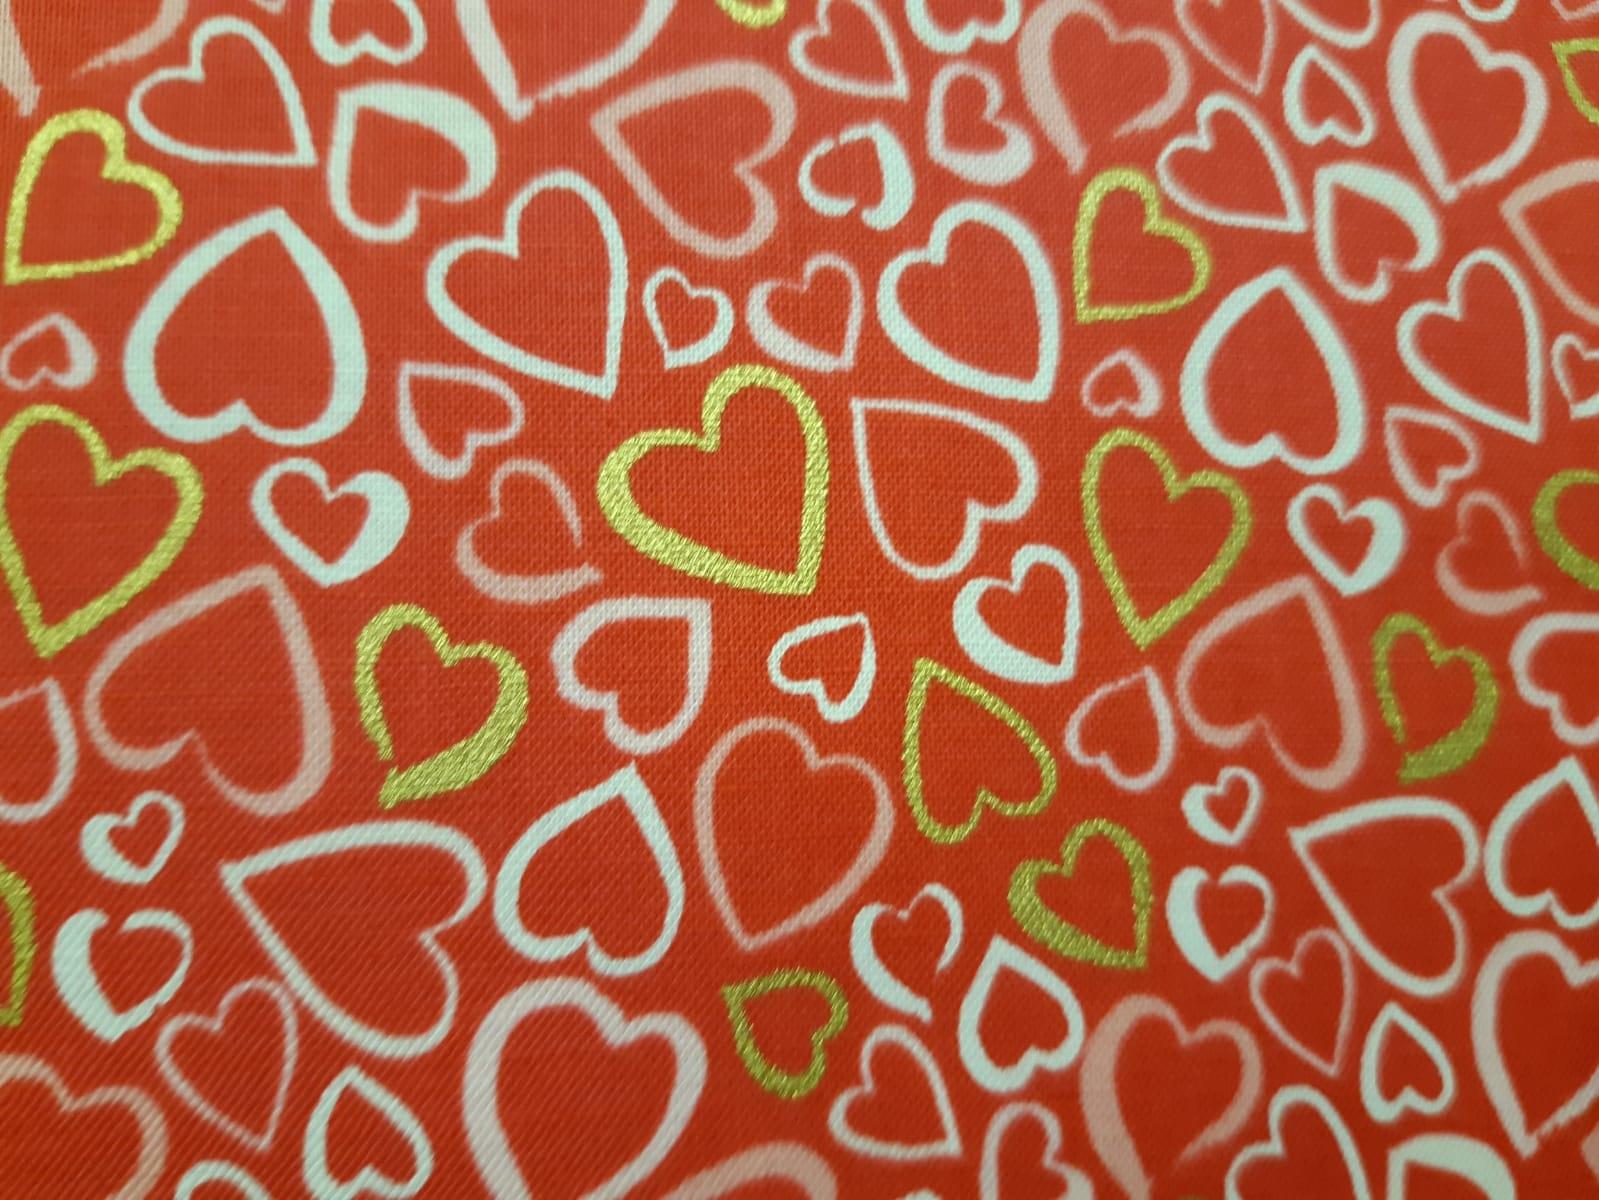 Baumwolle Herzen mit Glitzerdruck, 110cm breit, 0.5m 10.00€